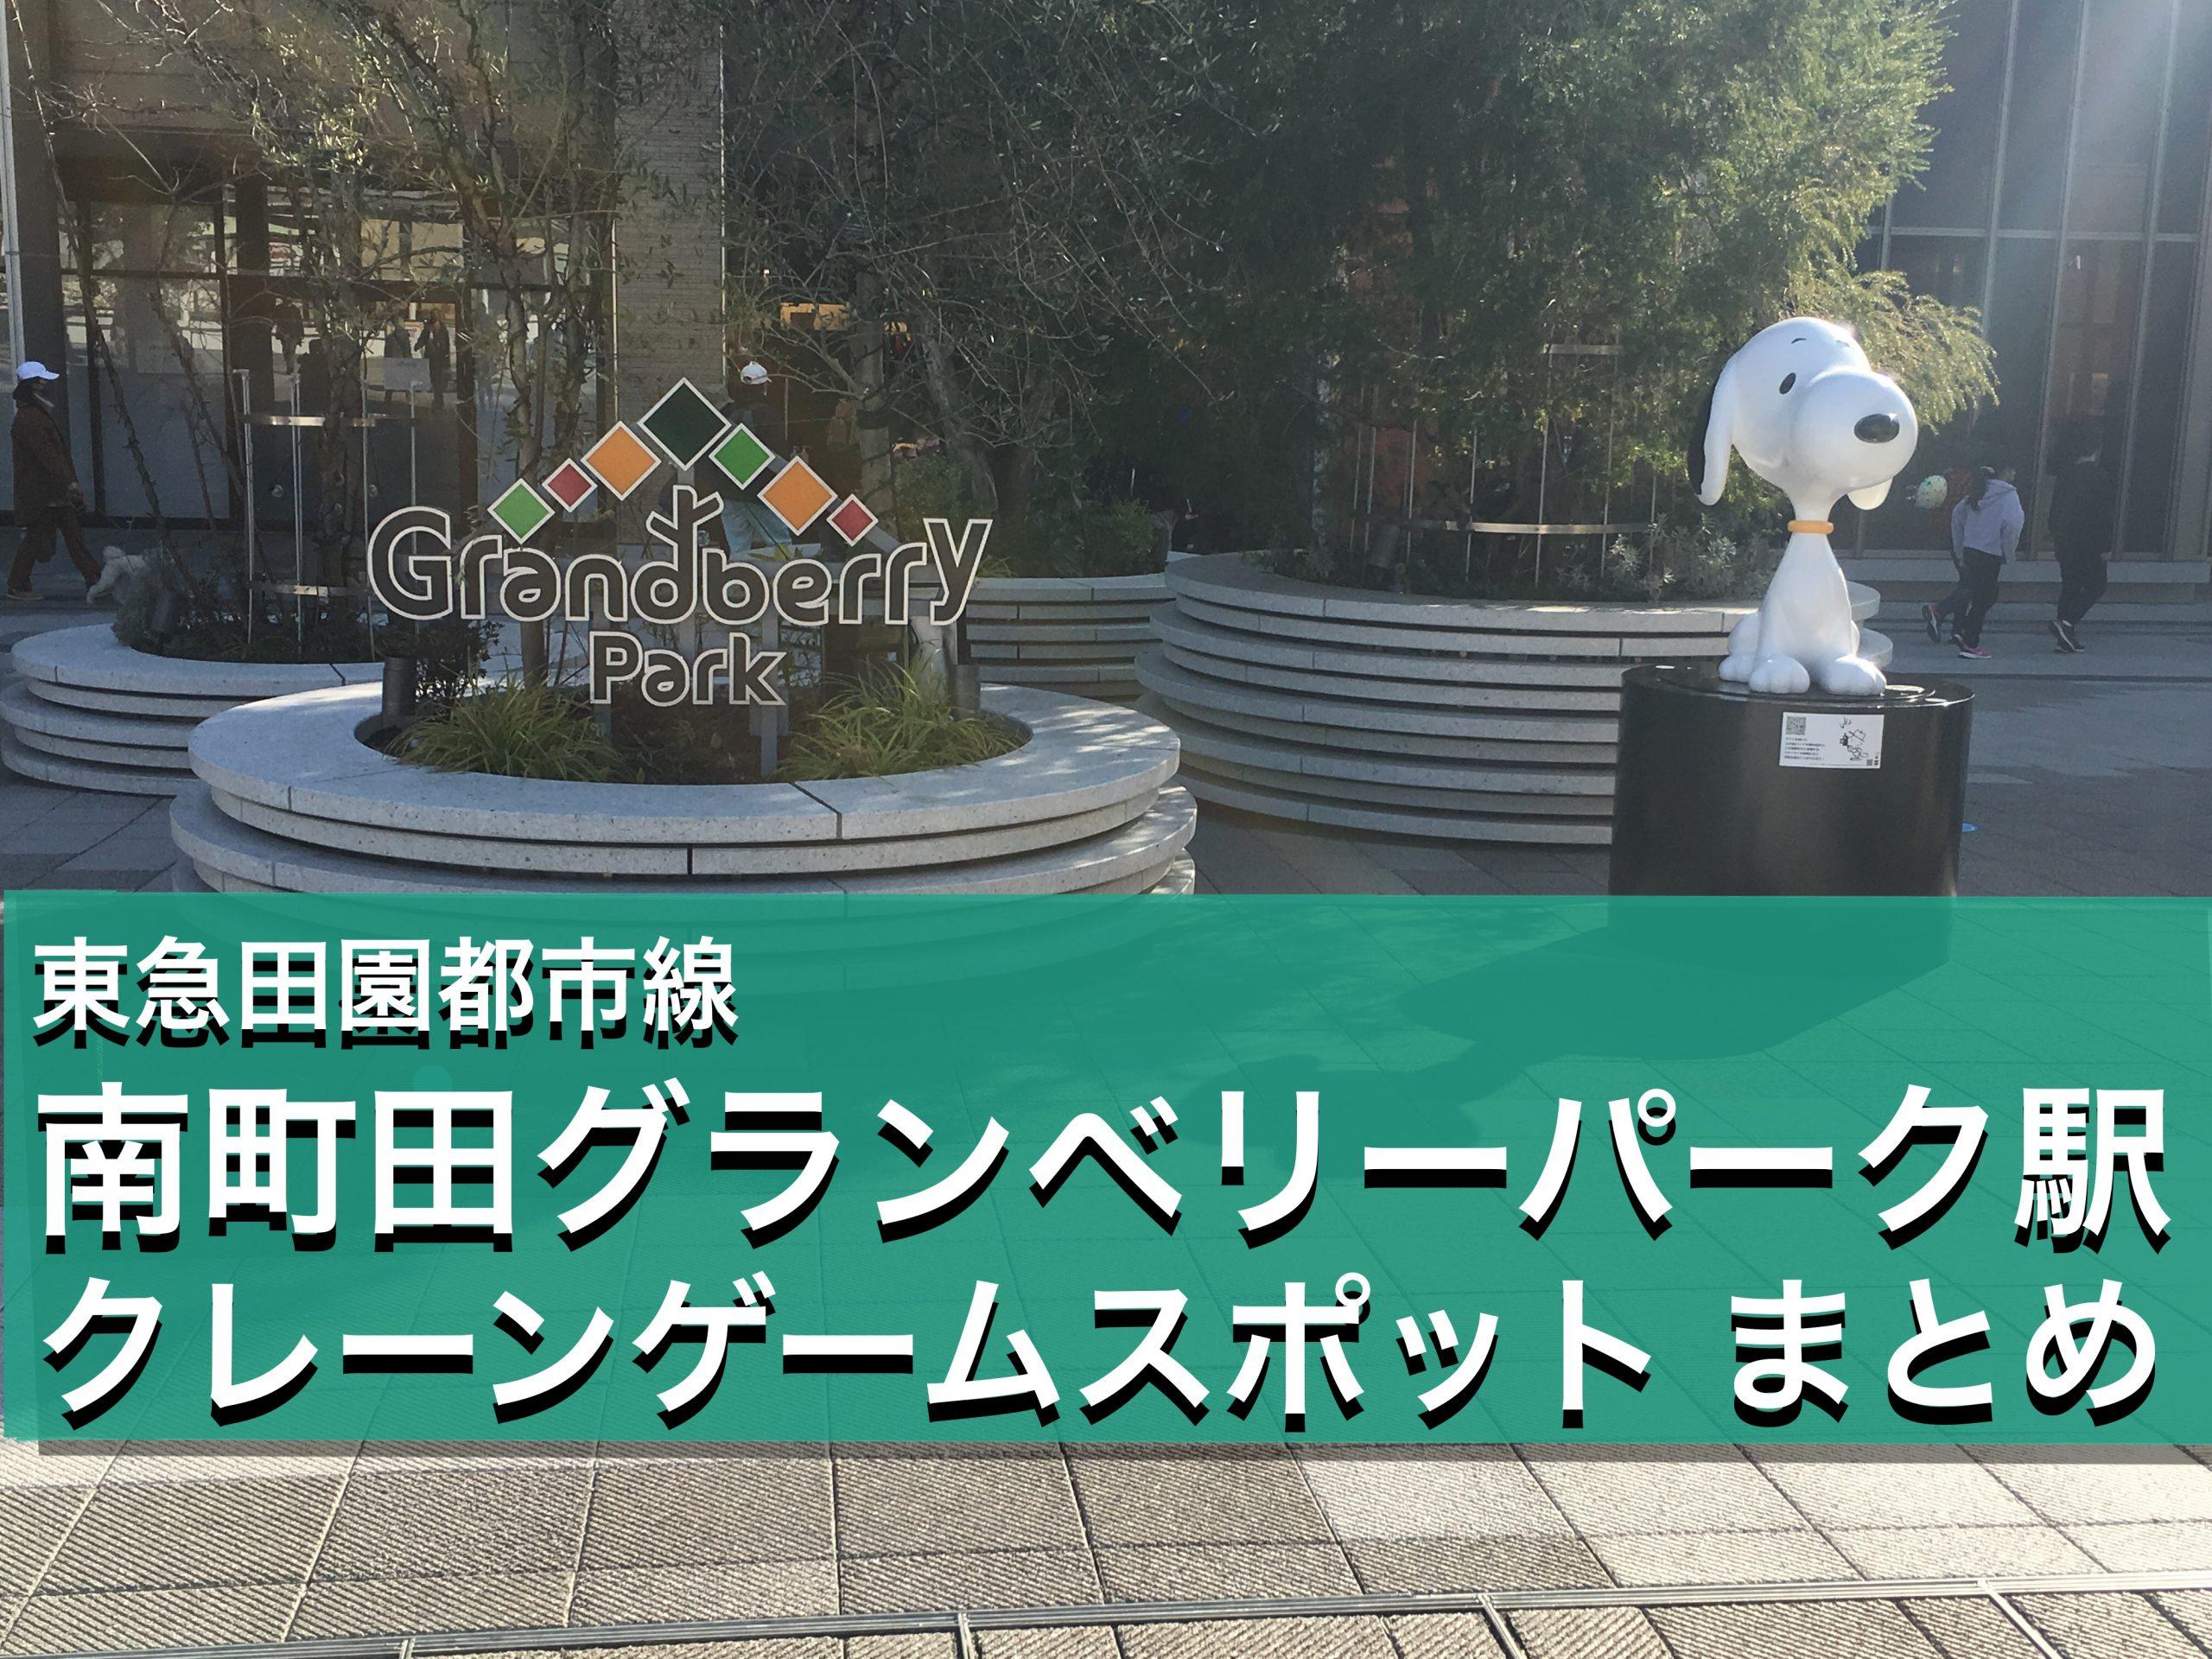 【南町田グランベリーパーク駅】クレーンゲームができる場所